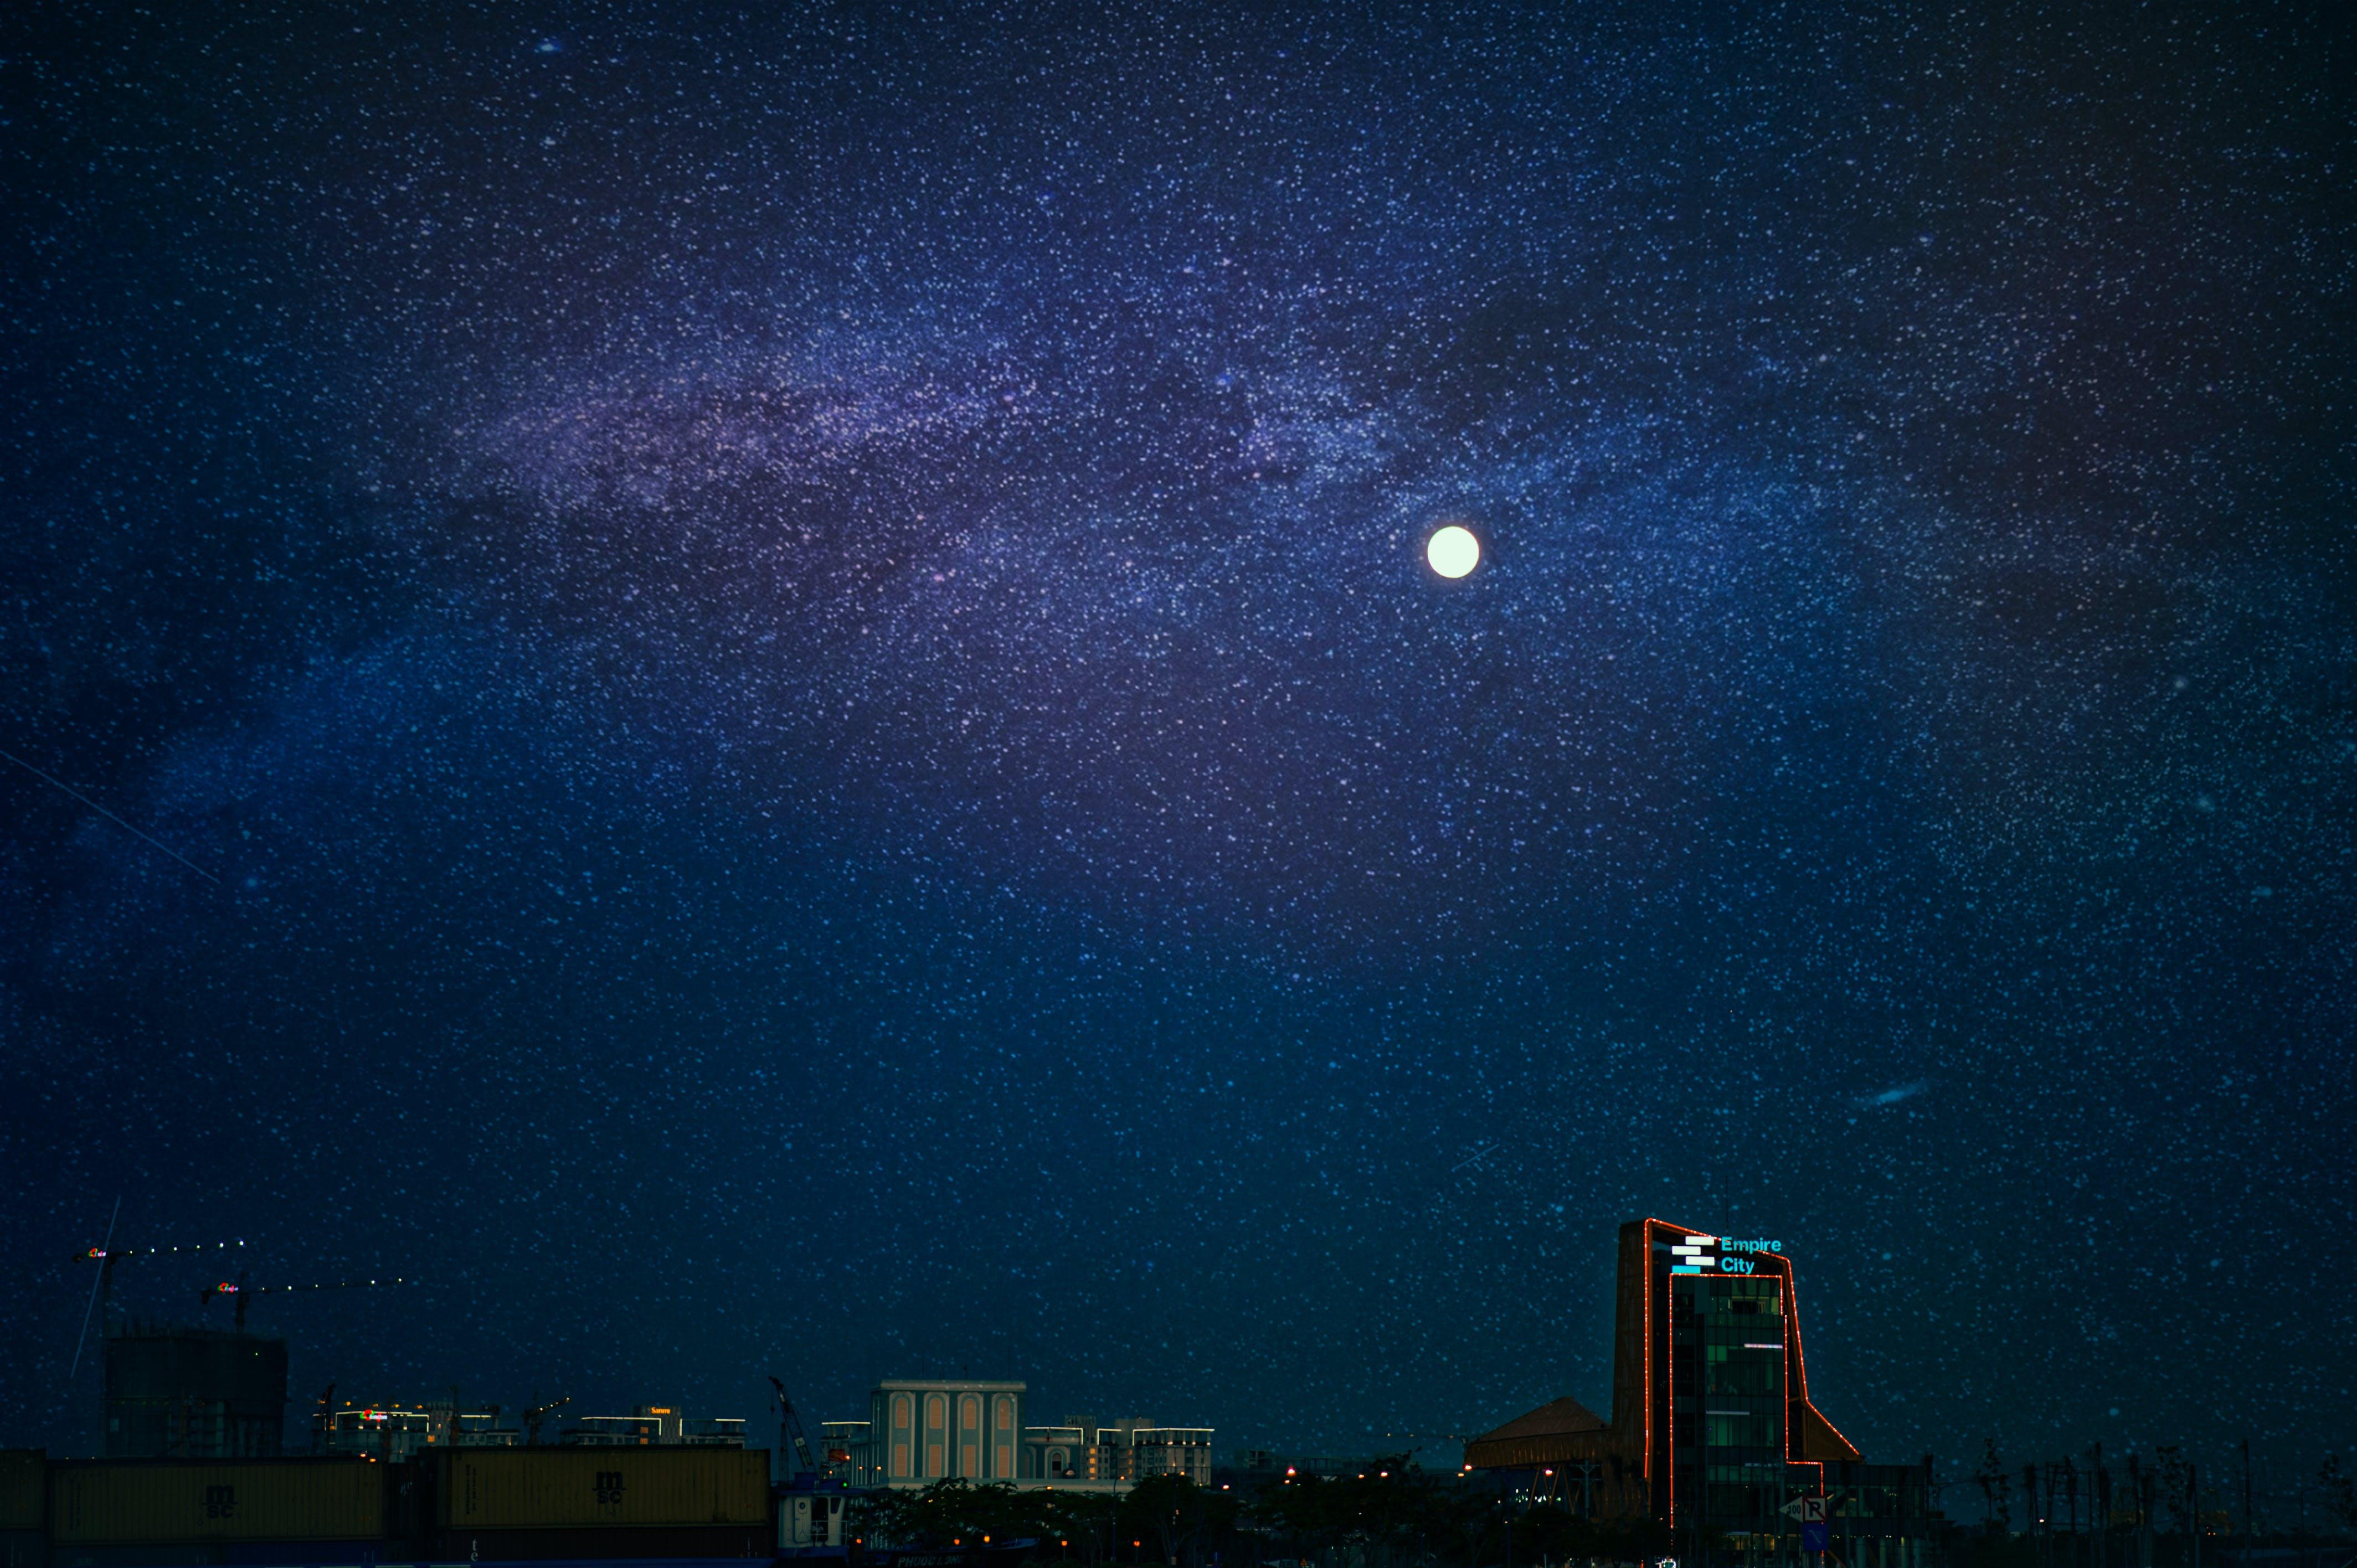 Kostnadsfri bild av astronomi, byggnader, dagsljus, galax